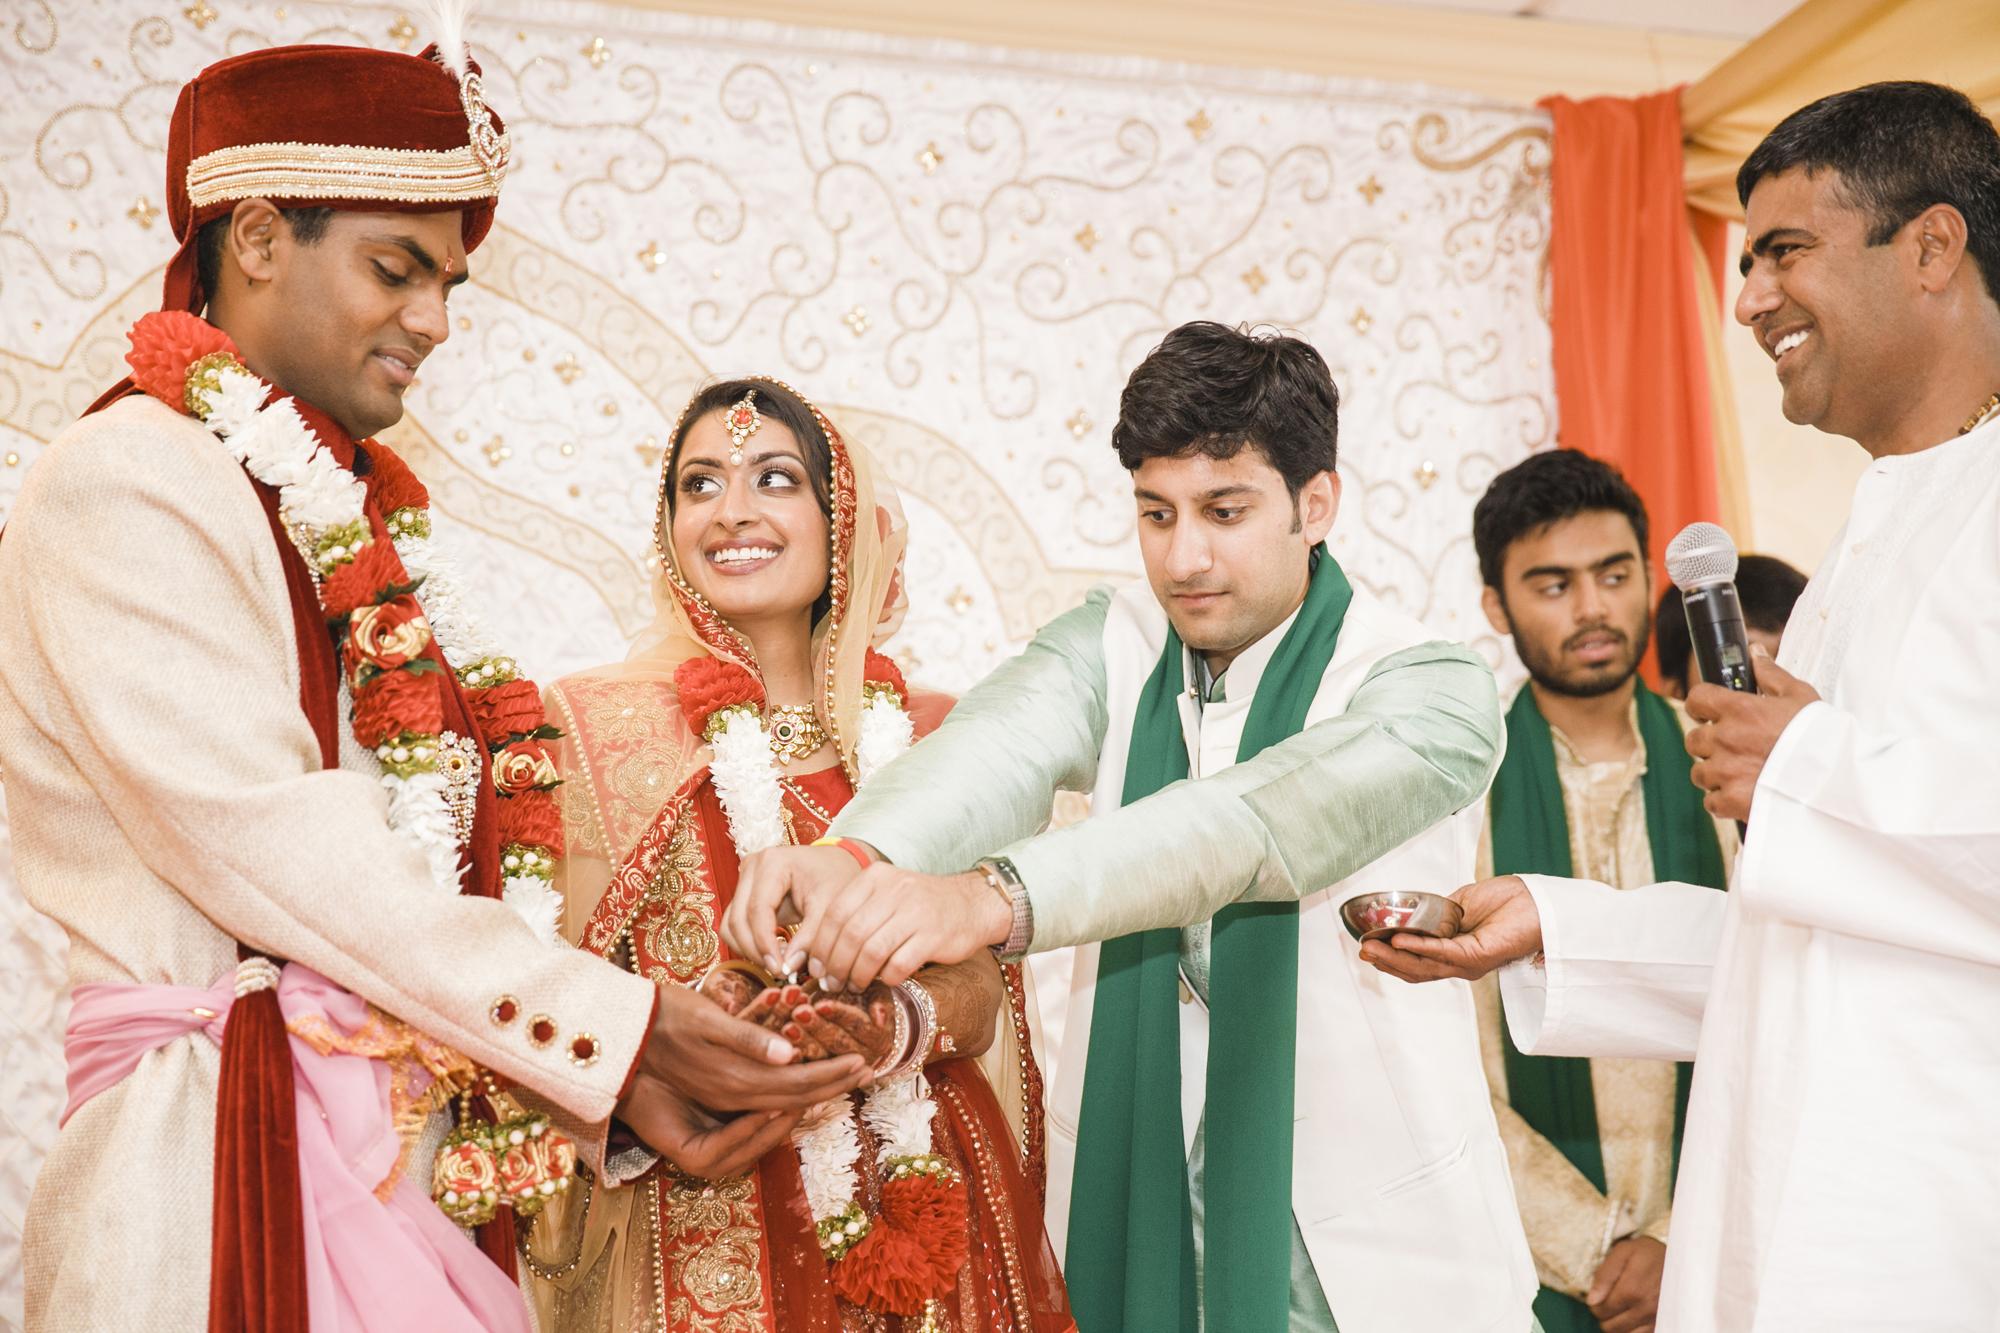 Bloomington_Hindu_Wedding_0034.jpg